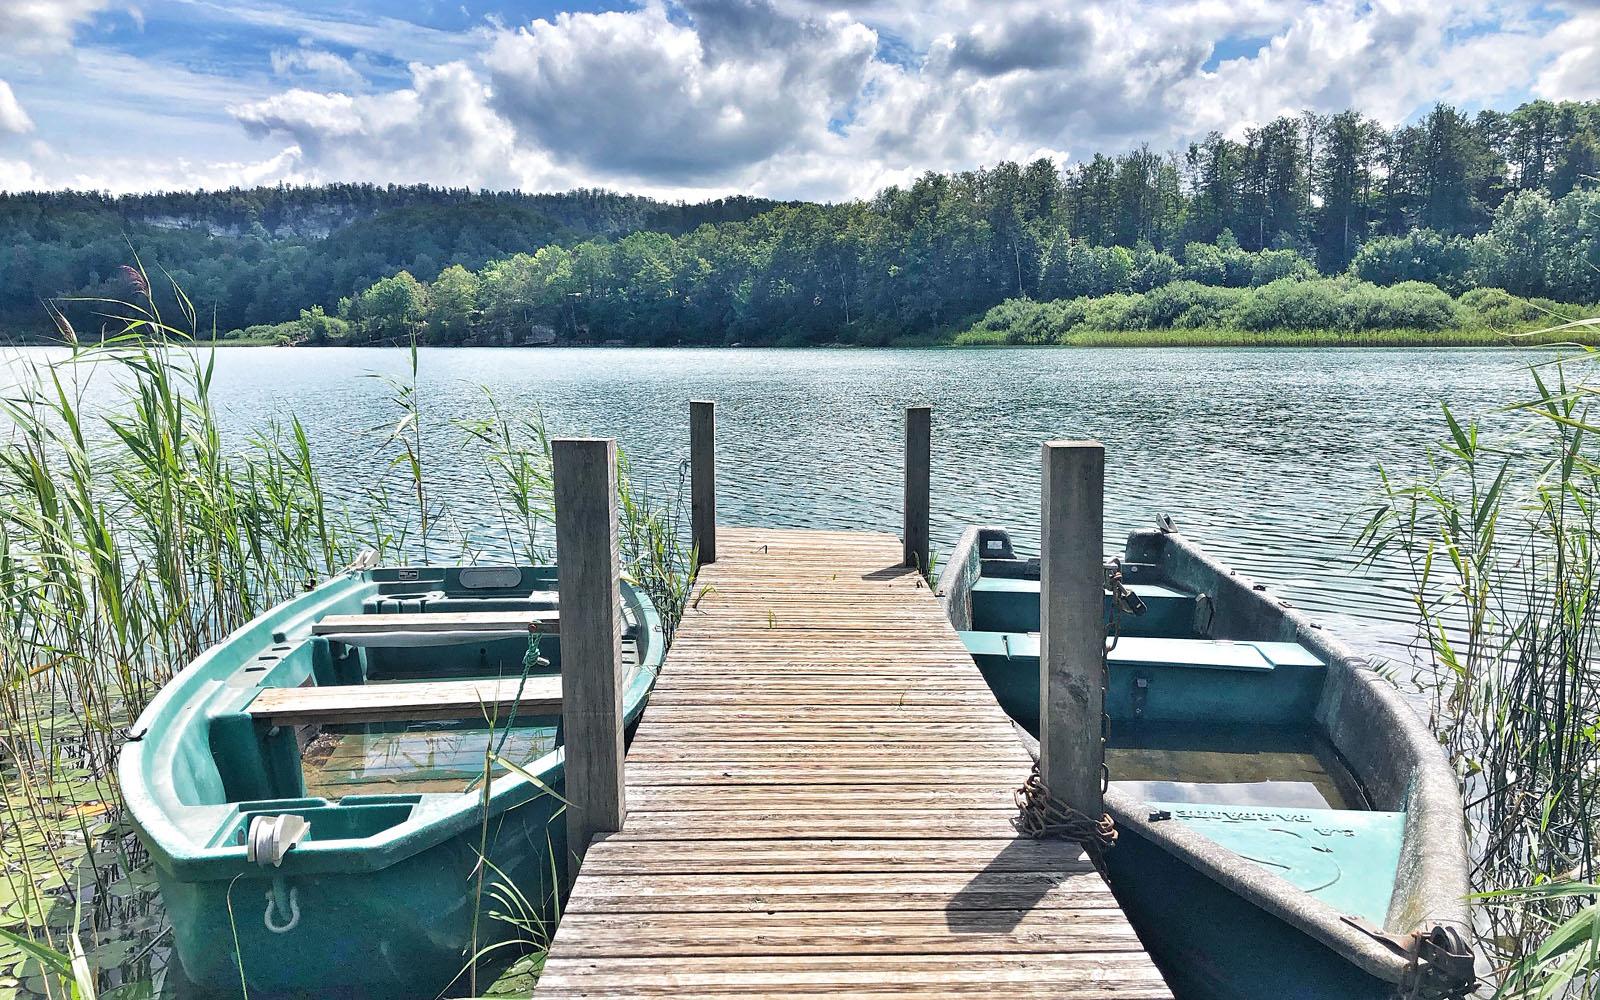 Uno dei paesaggi tipici del Jura, tra foresta e lago.